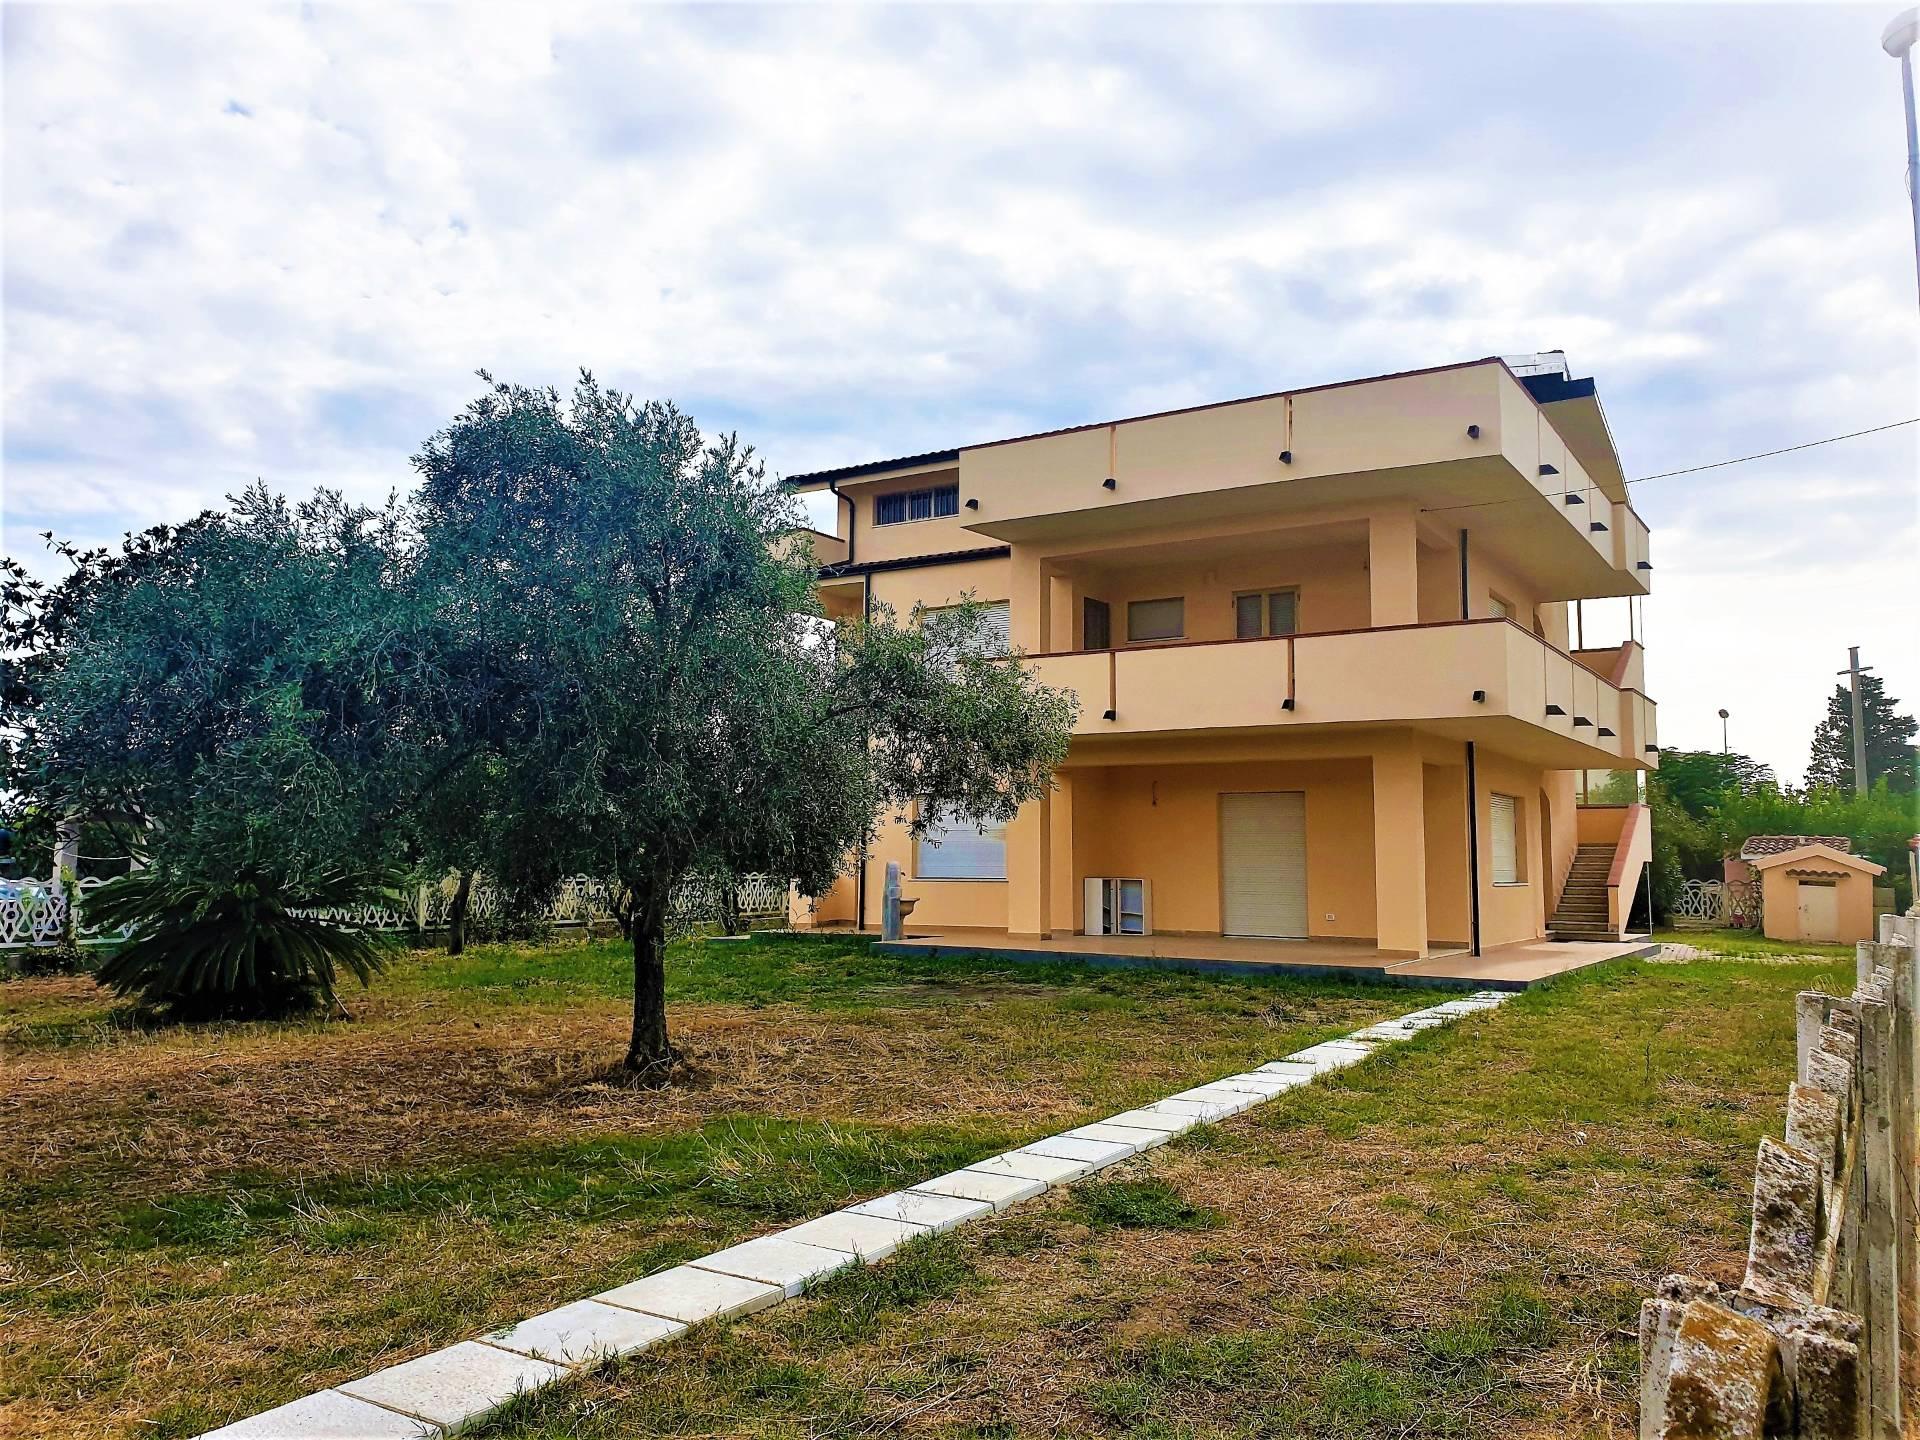 Palazzo / Stabile in vendita a Sellia Marina, 11 locali, zona Zona: Ruggero, prezzo € 270.000 | CambioCasa.it